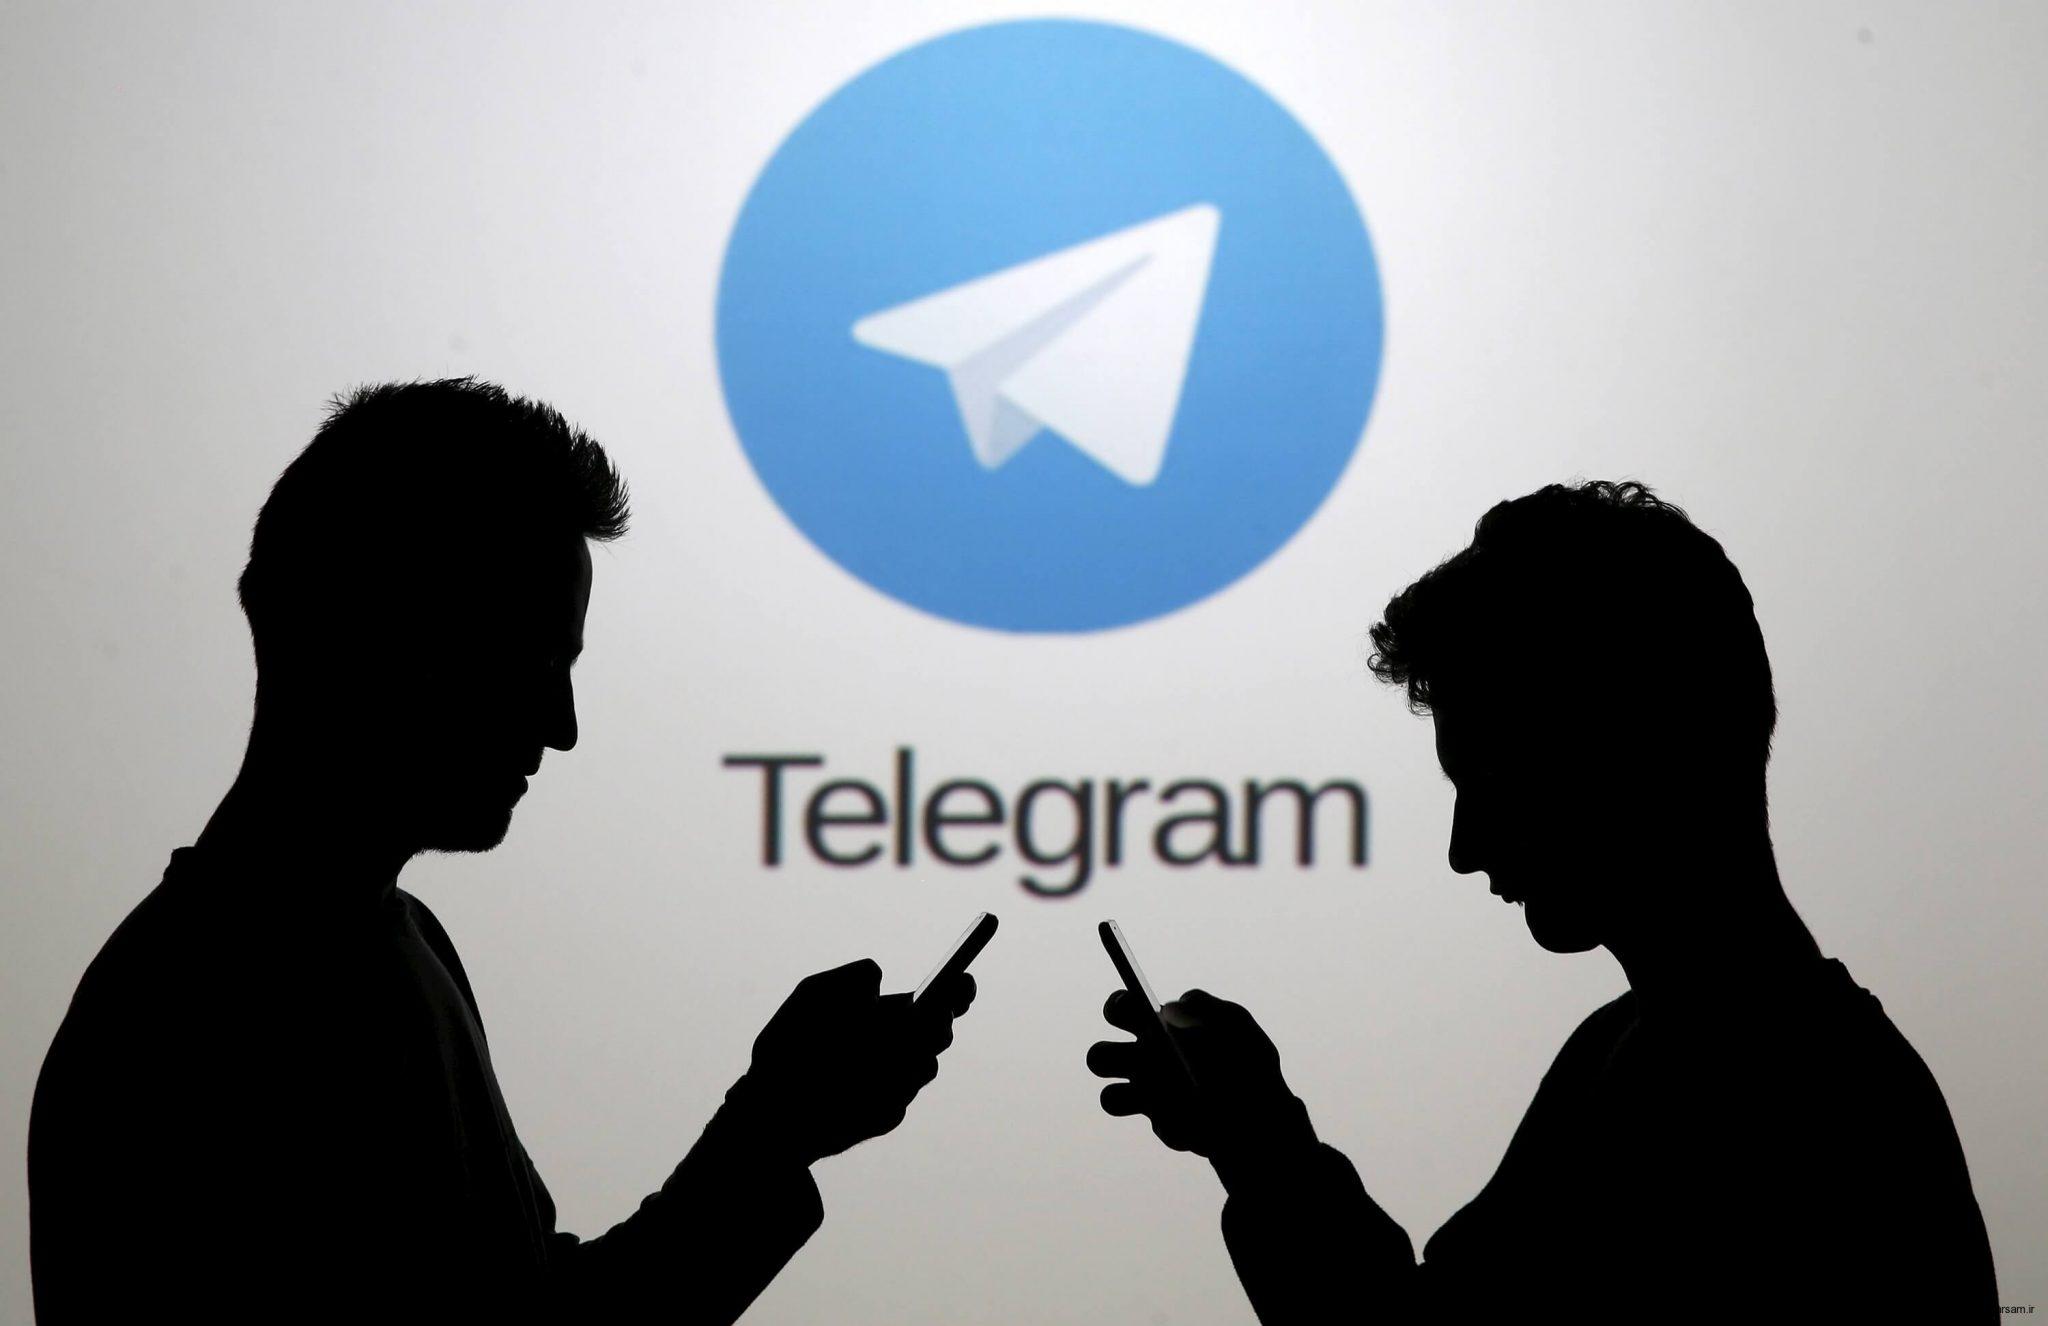 تبدیل گروه به سوپر گروه تلگرام و تفاوت گروه و سوپر گروه